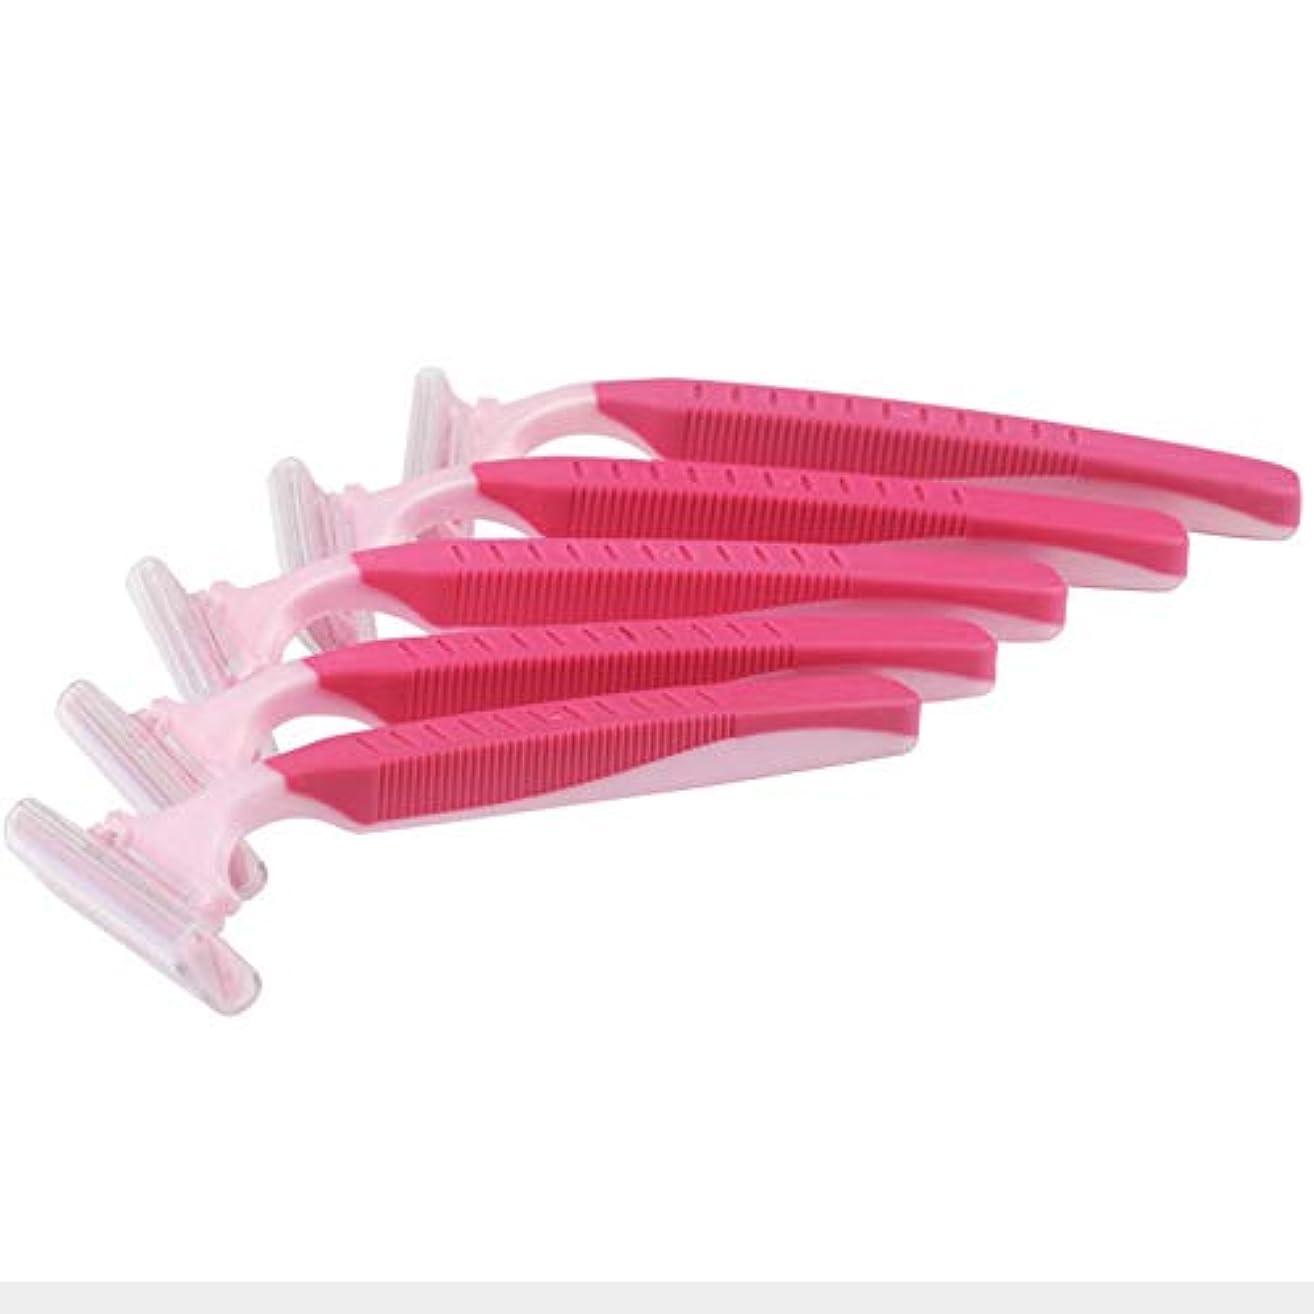 ママハチテメリティボディのプライベートな部分の下にあるナイフに加えて、軽くて持ち運びが簡単5本のピンク